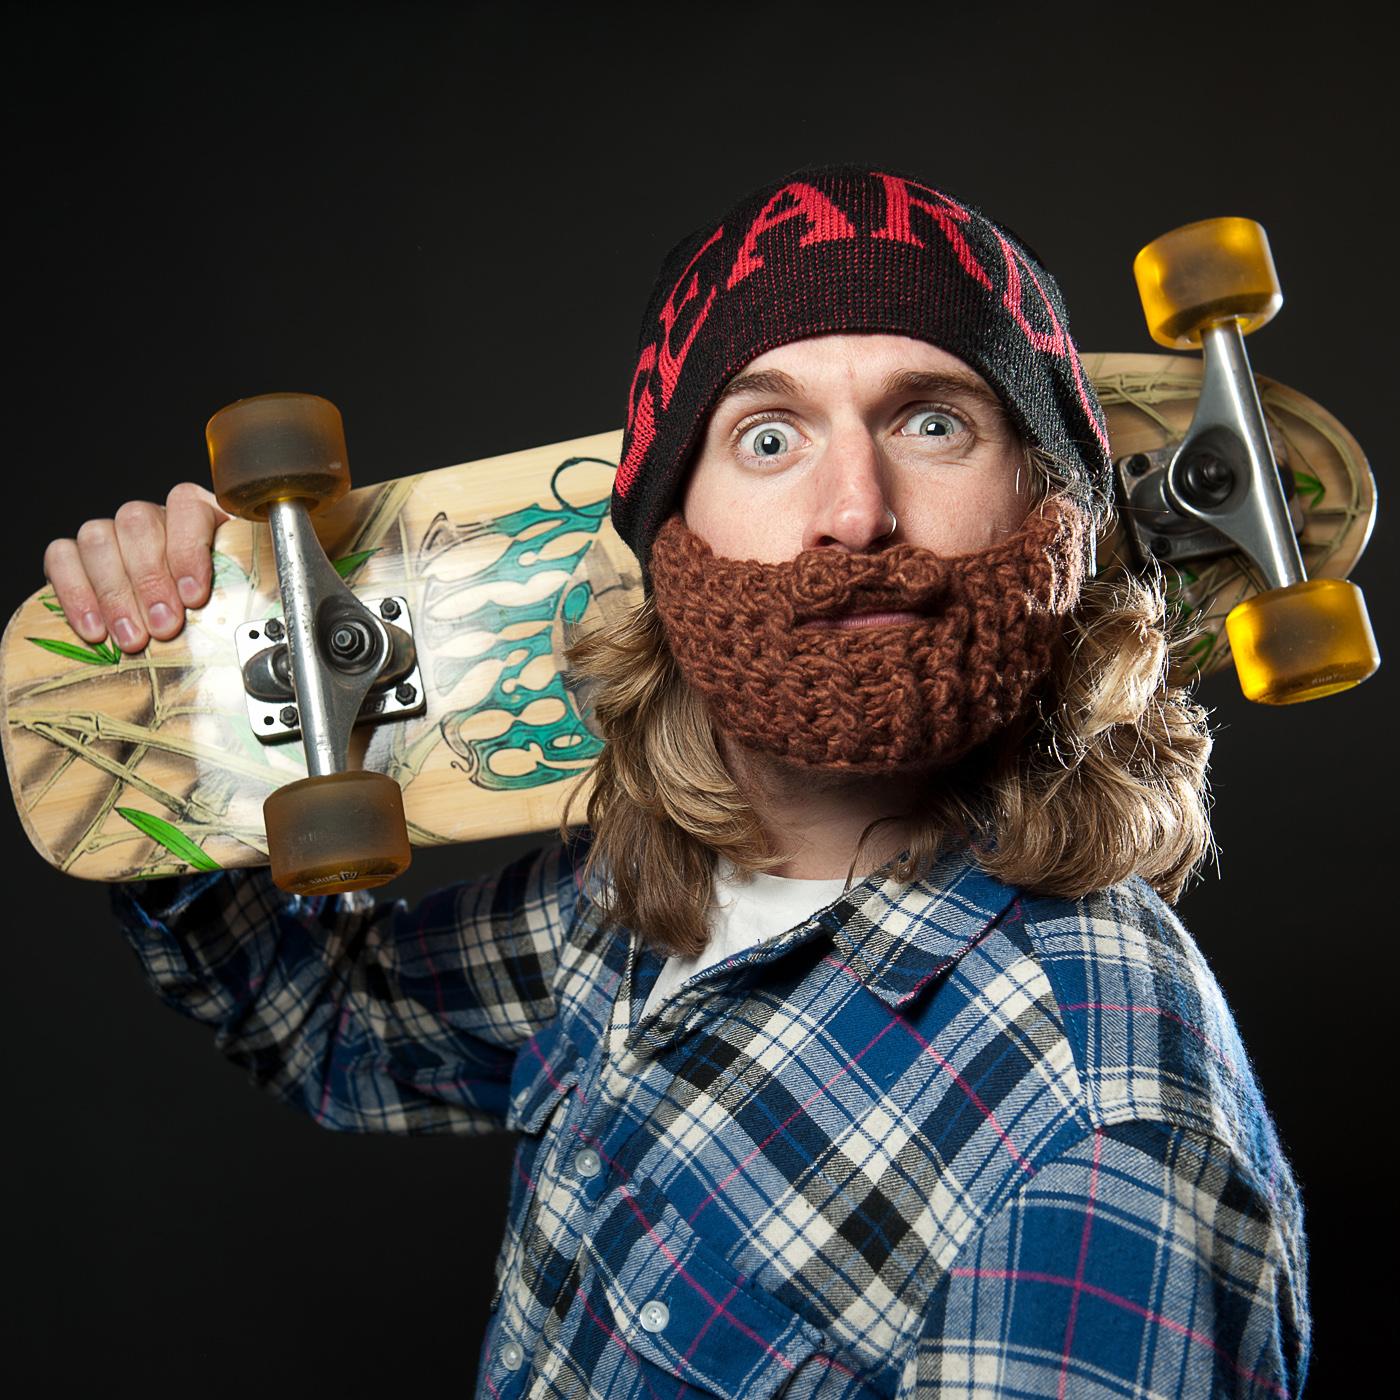 https://www.promotionmagazine.it/wp/wp-content/uploads/2013/04/Beardo-Hat.jpg